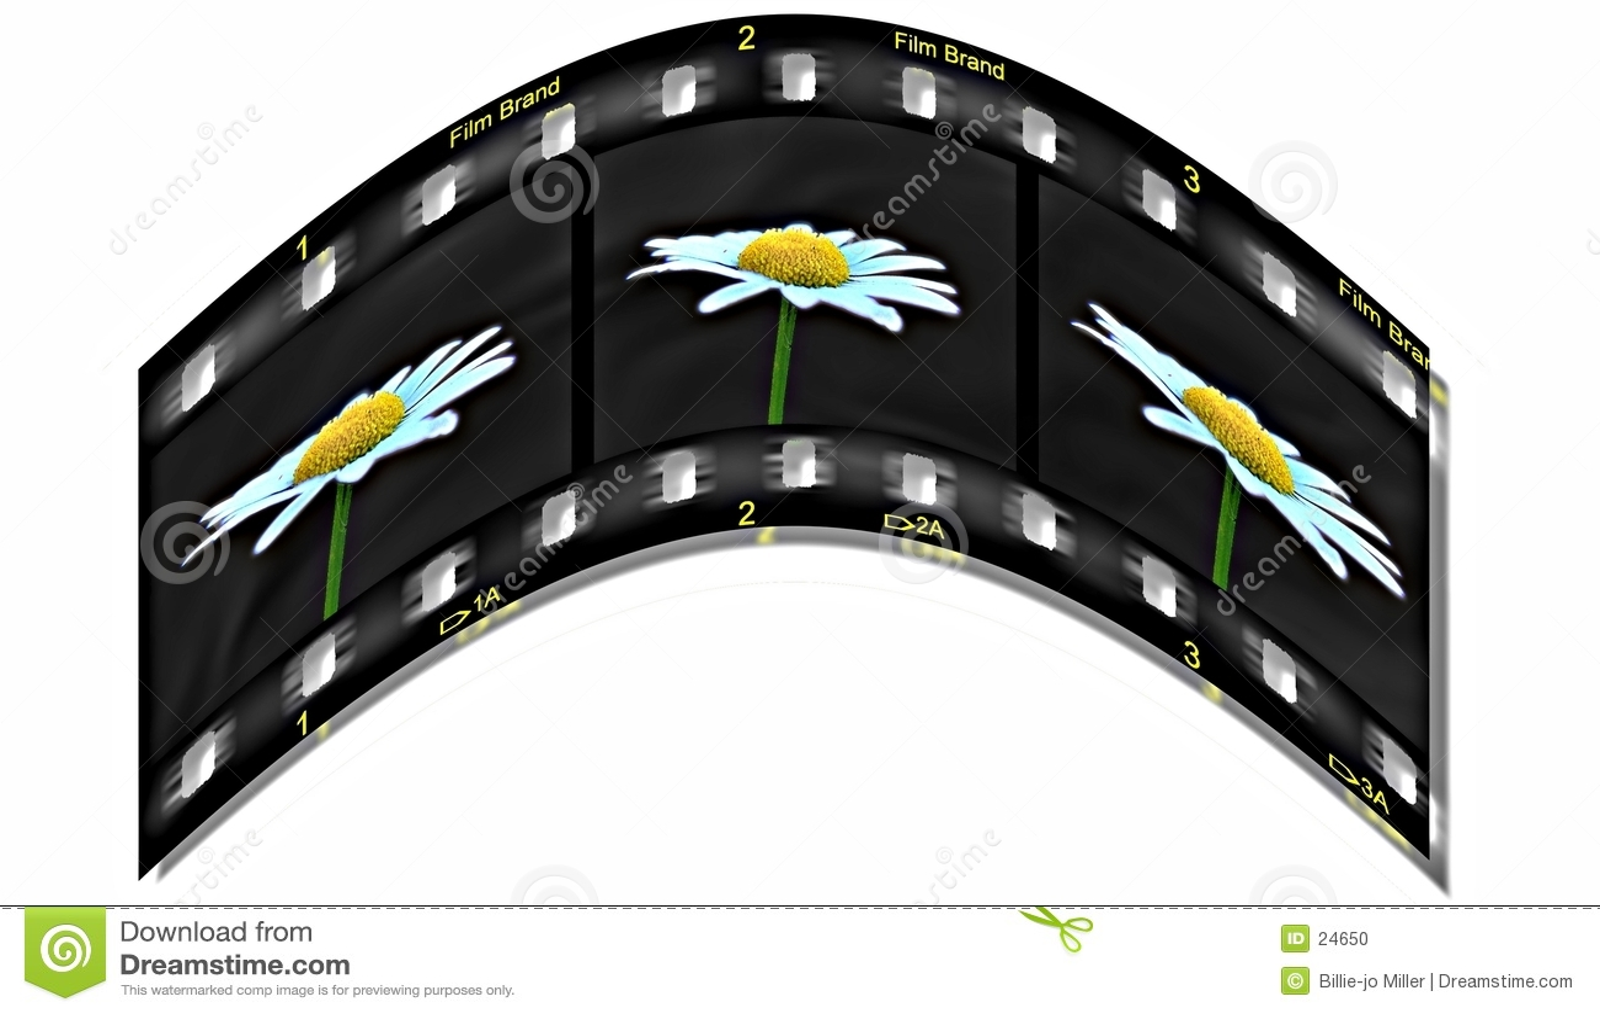 Vita sulla pellicola